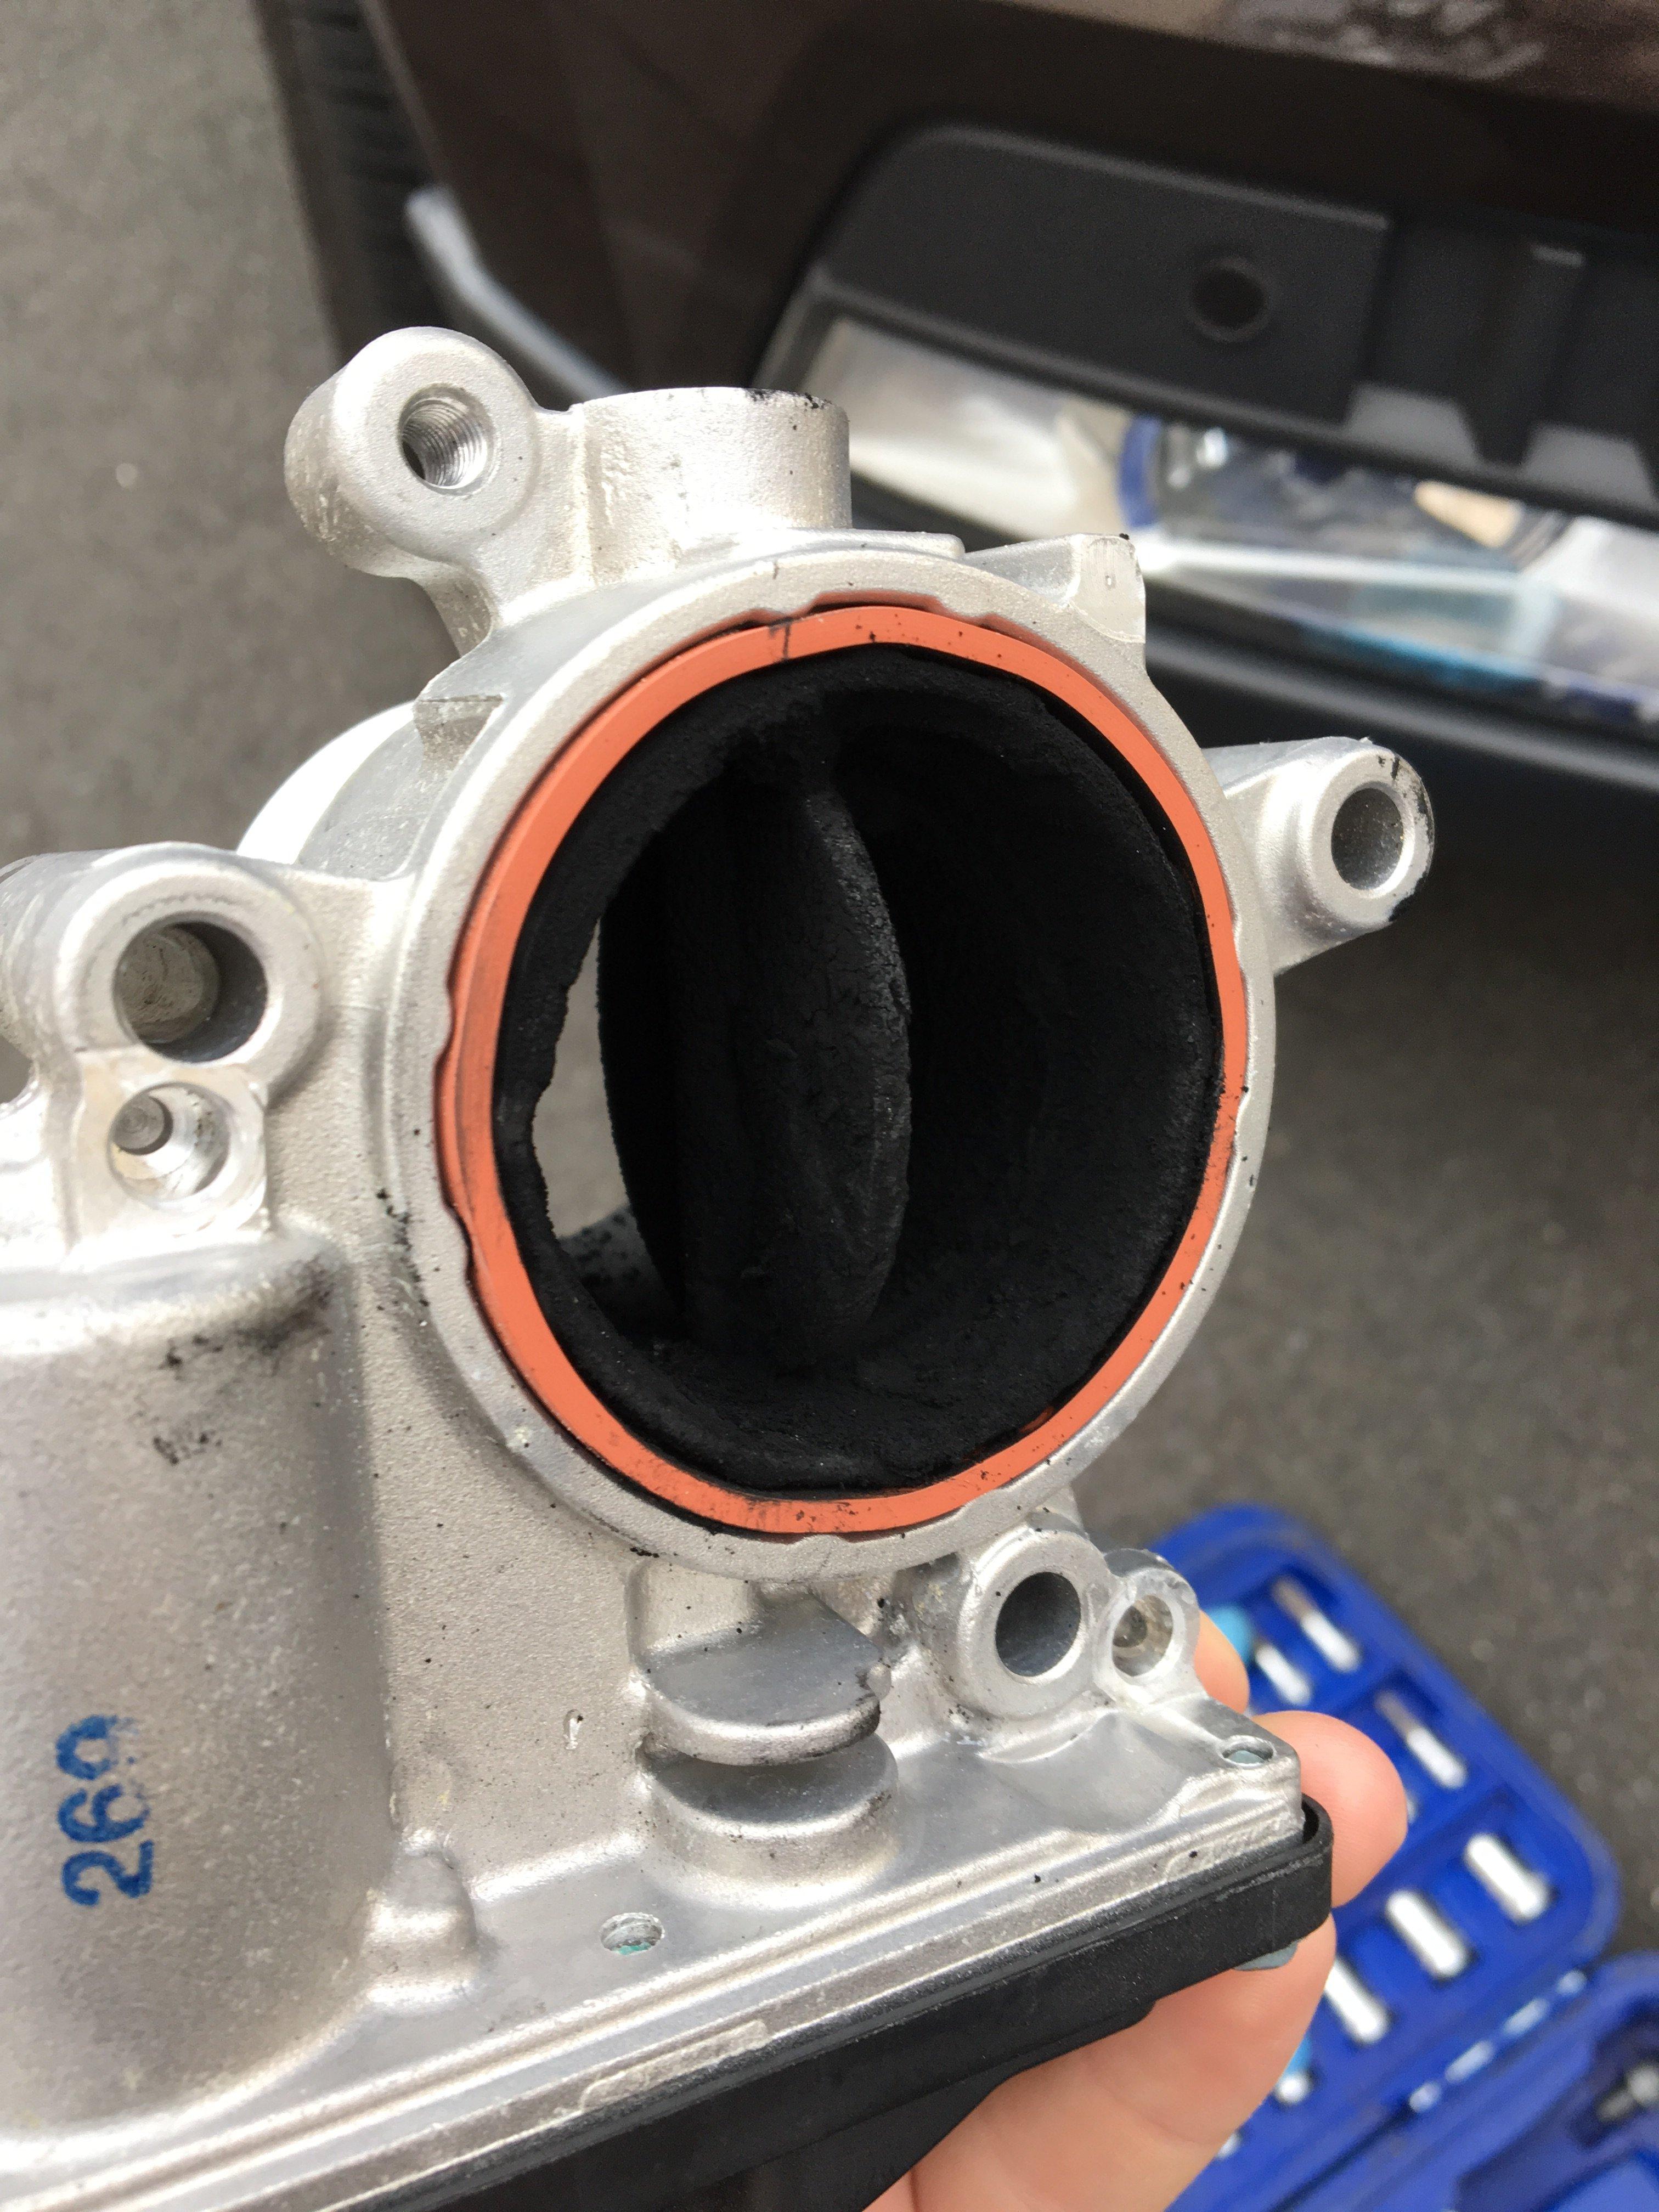 Urgent: Throttle position sensor - safe to drive? - Skoda ...